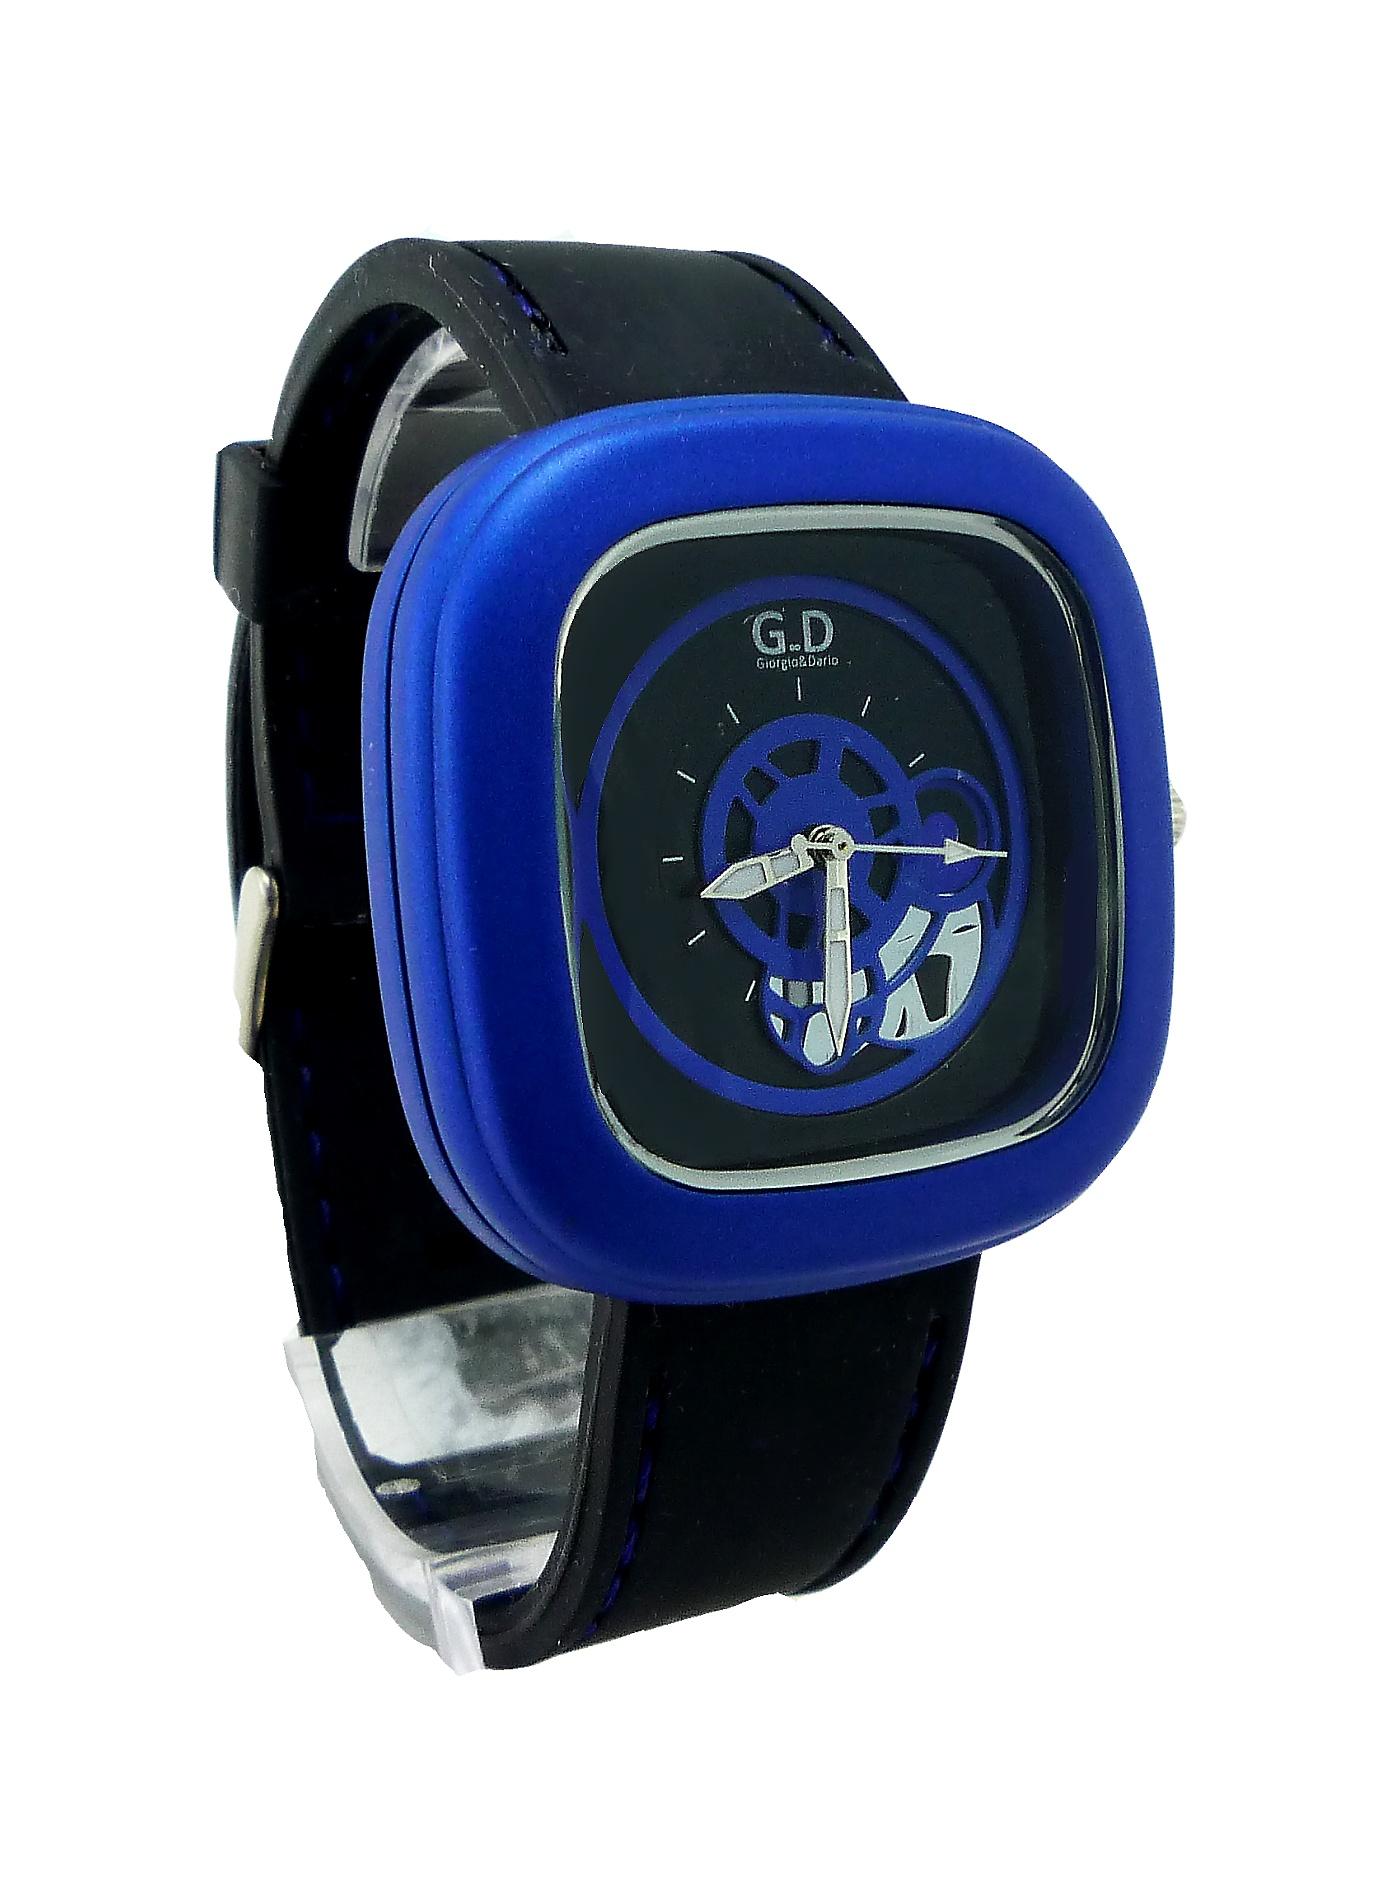 Pánské sportovní hodinky G.D Black blue 206P